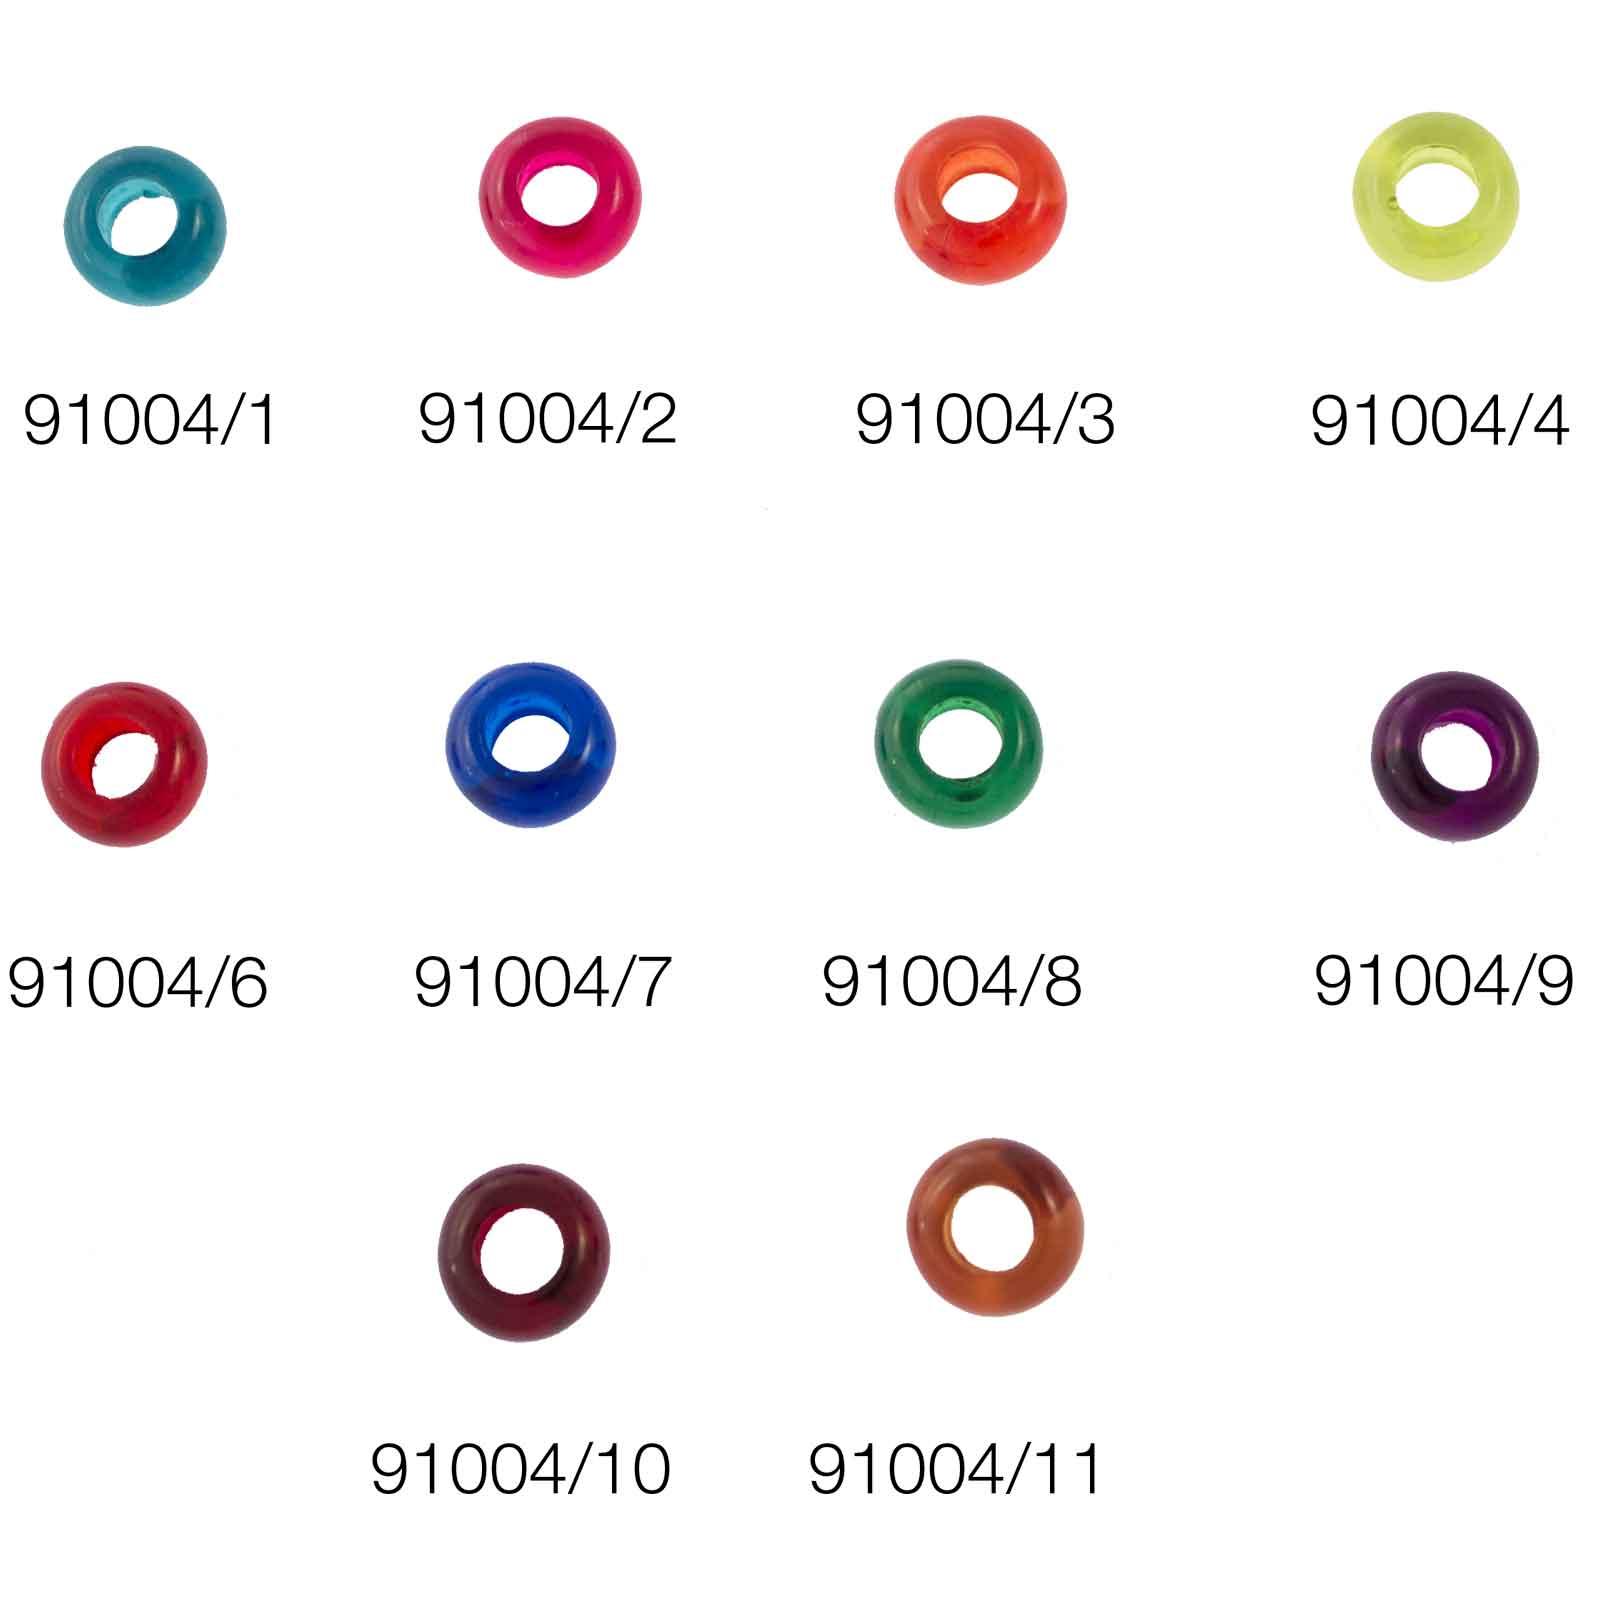 Donuts transparente - Medida aprox 10,5 mm Agujero 5mm Venta en bolsa de 20 uds